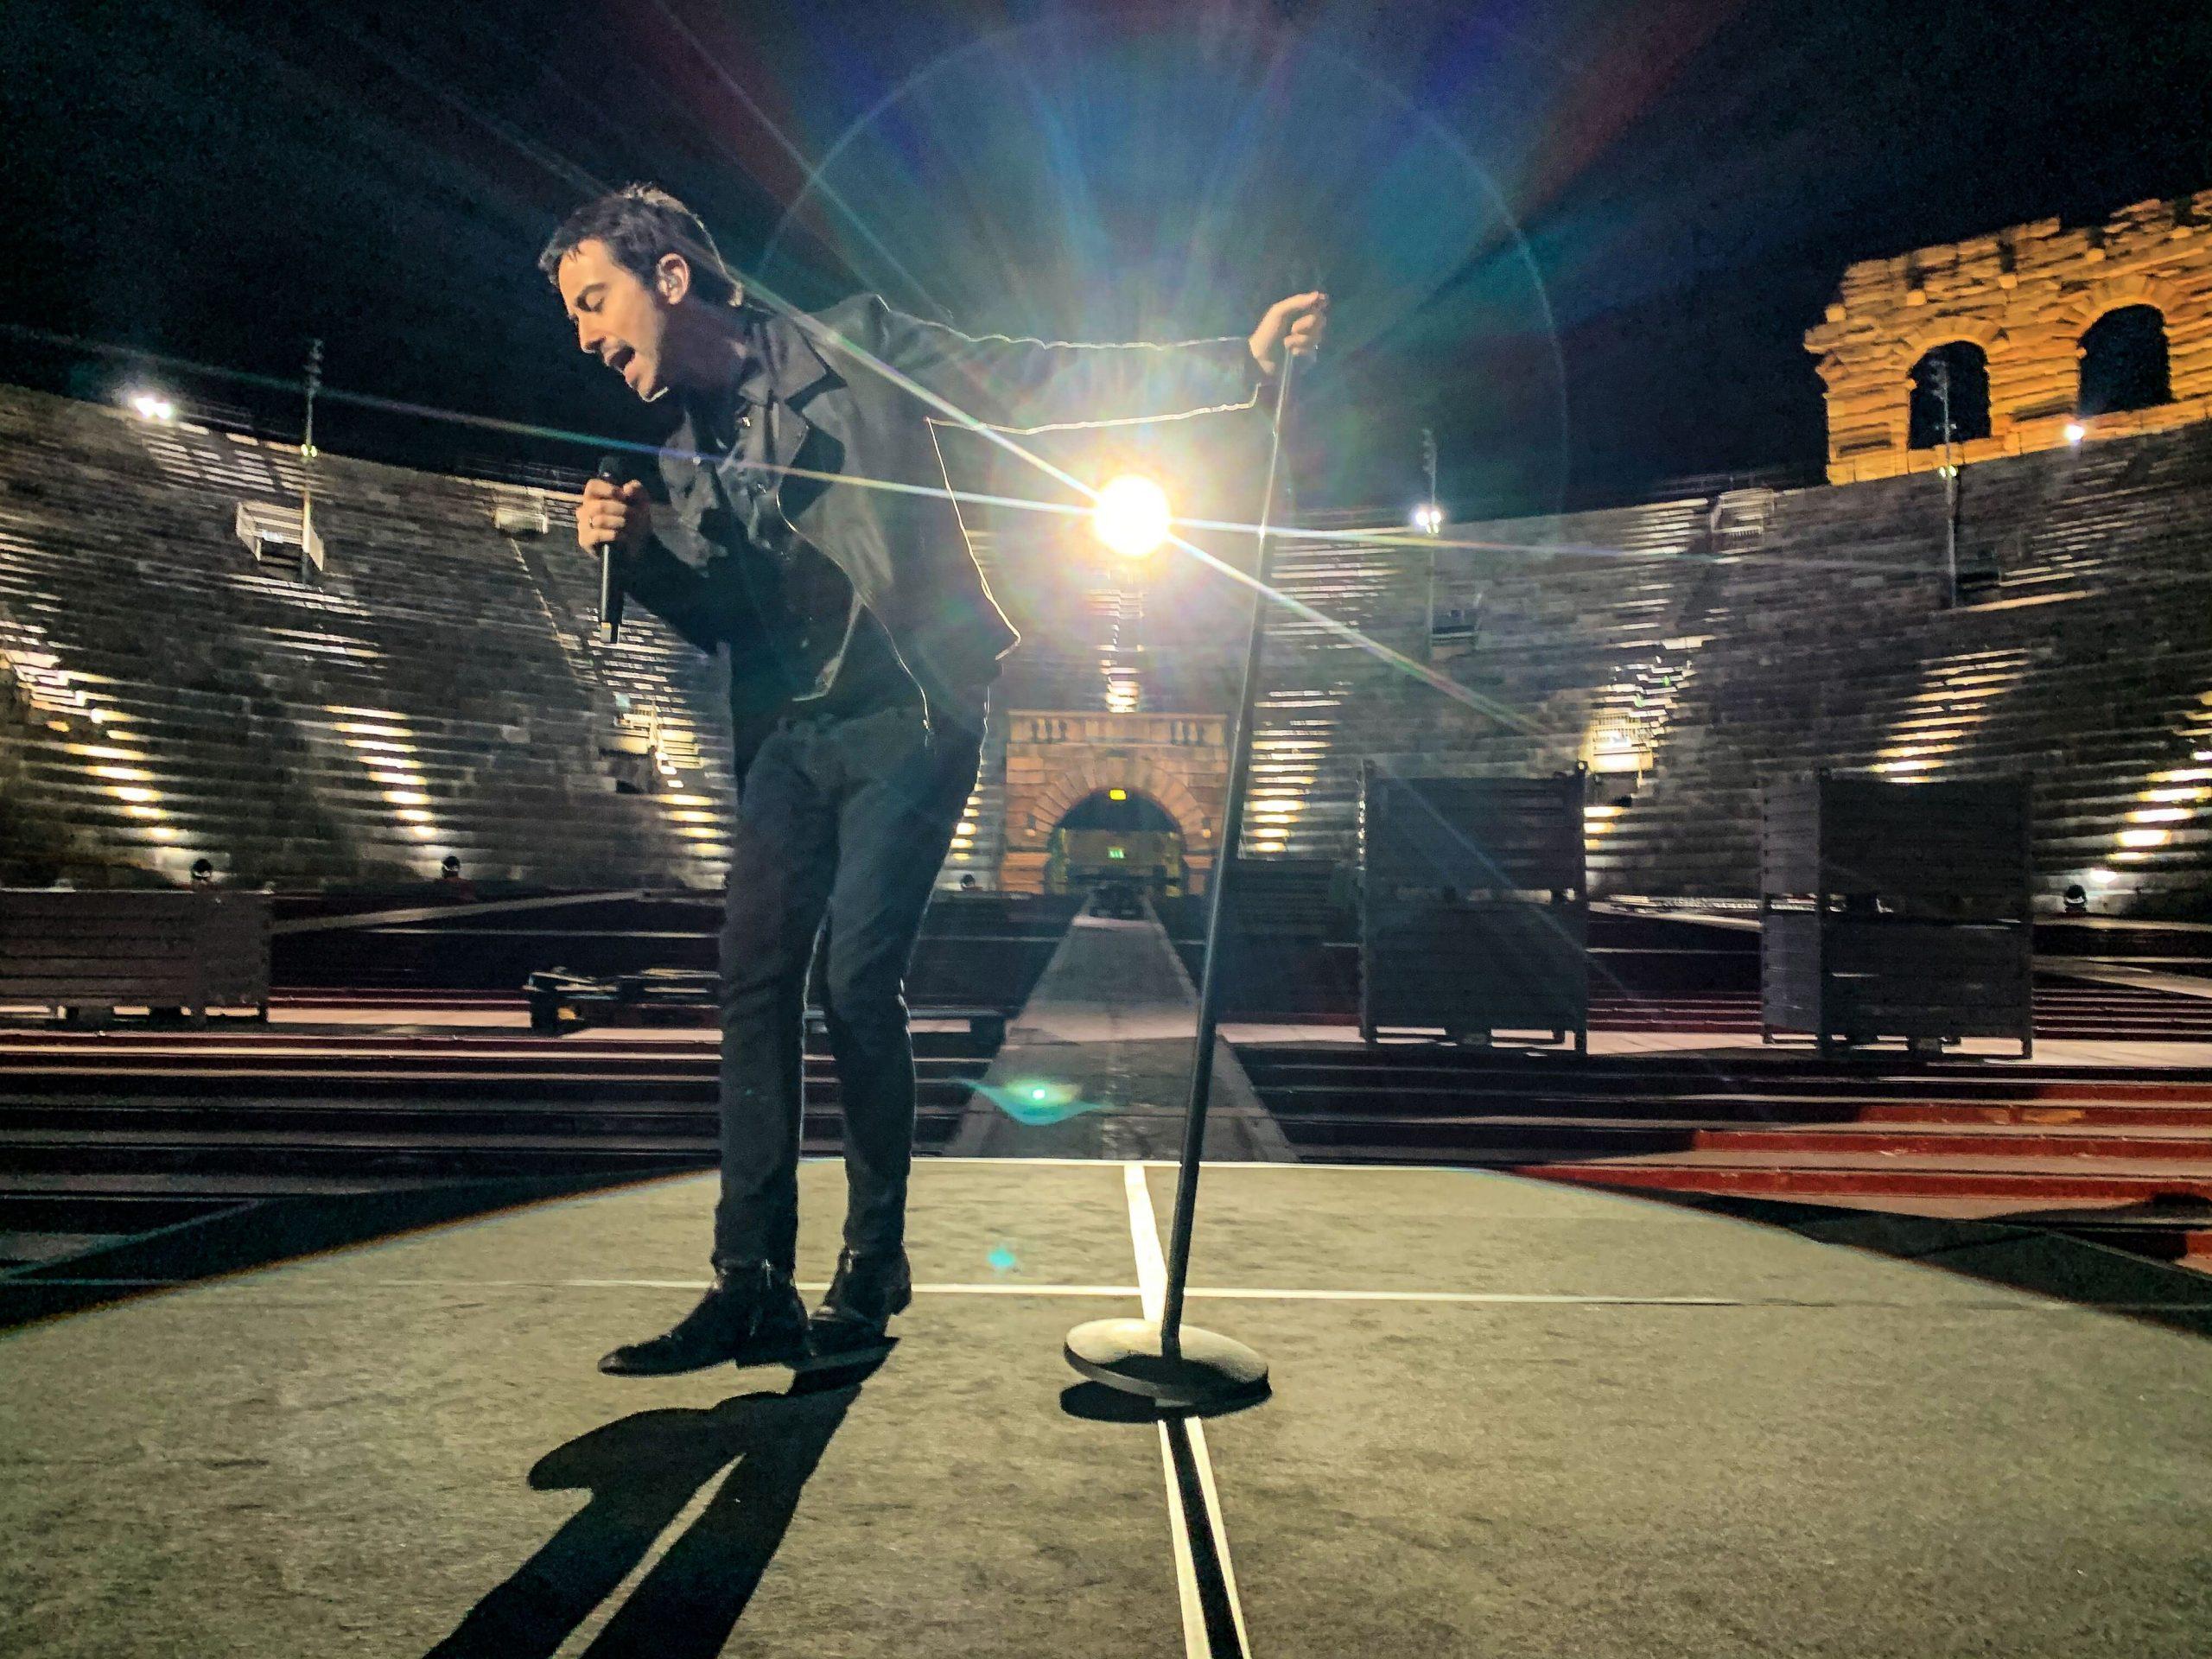 Concerto Diodato all'Arena di Verona: data, biglietti e come arrivare